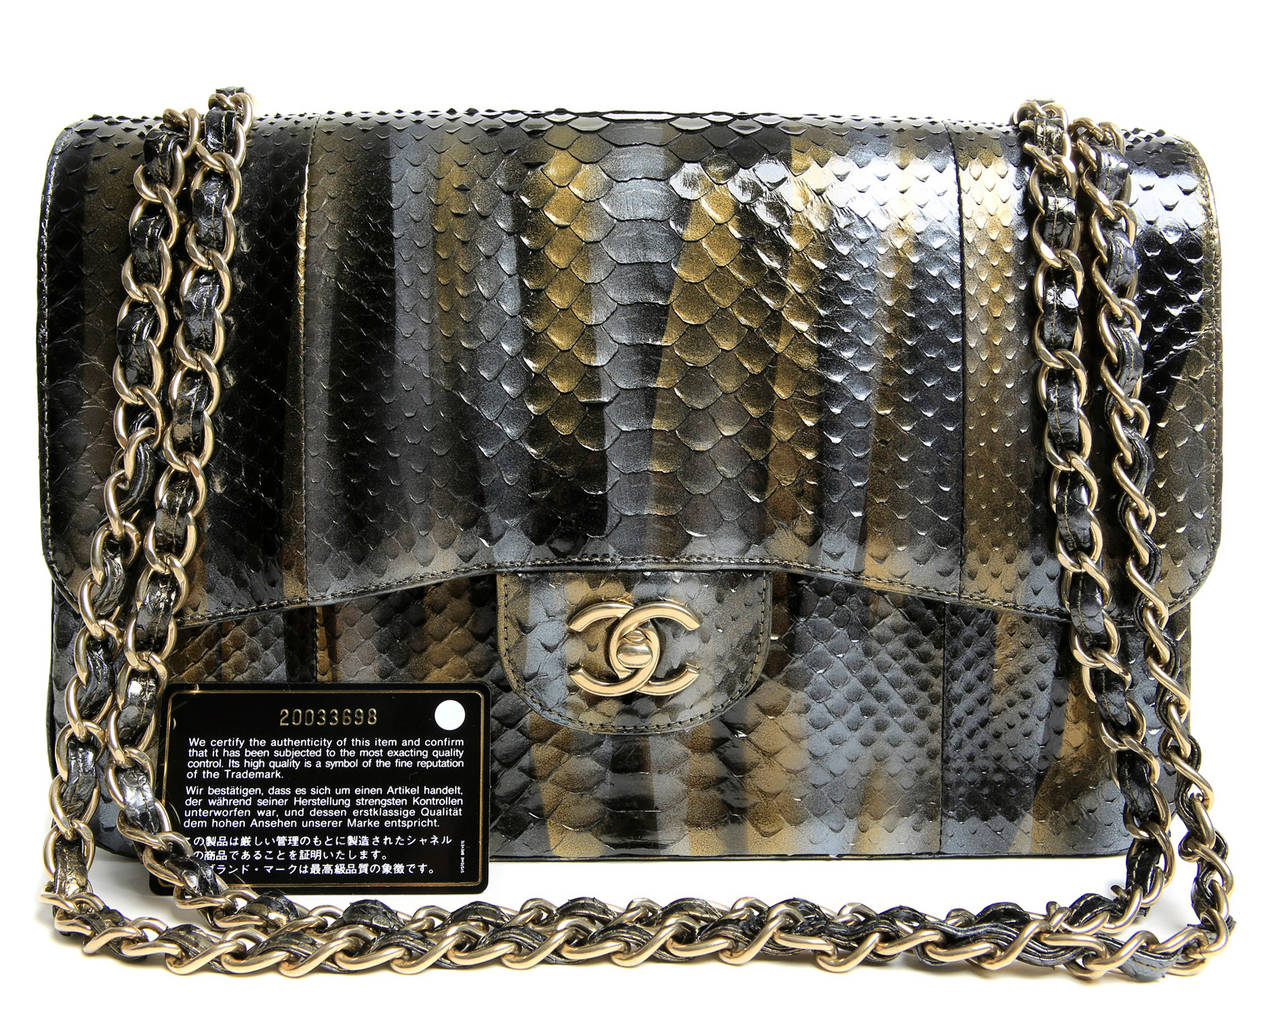 Chanel Jumbo Classic Metallic Python- Double Flap 10